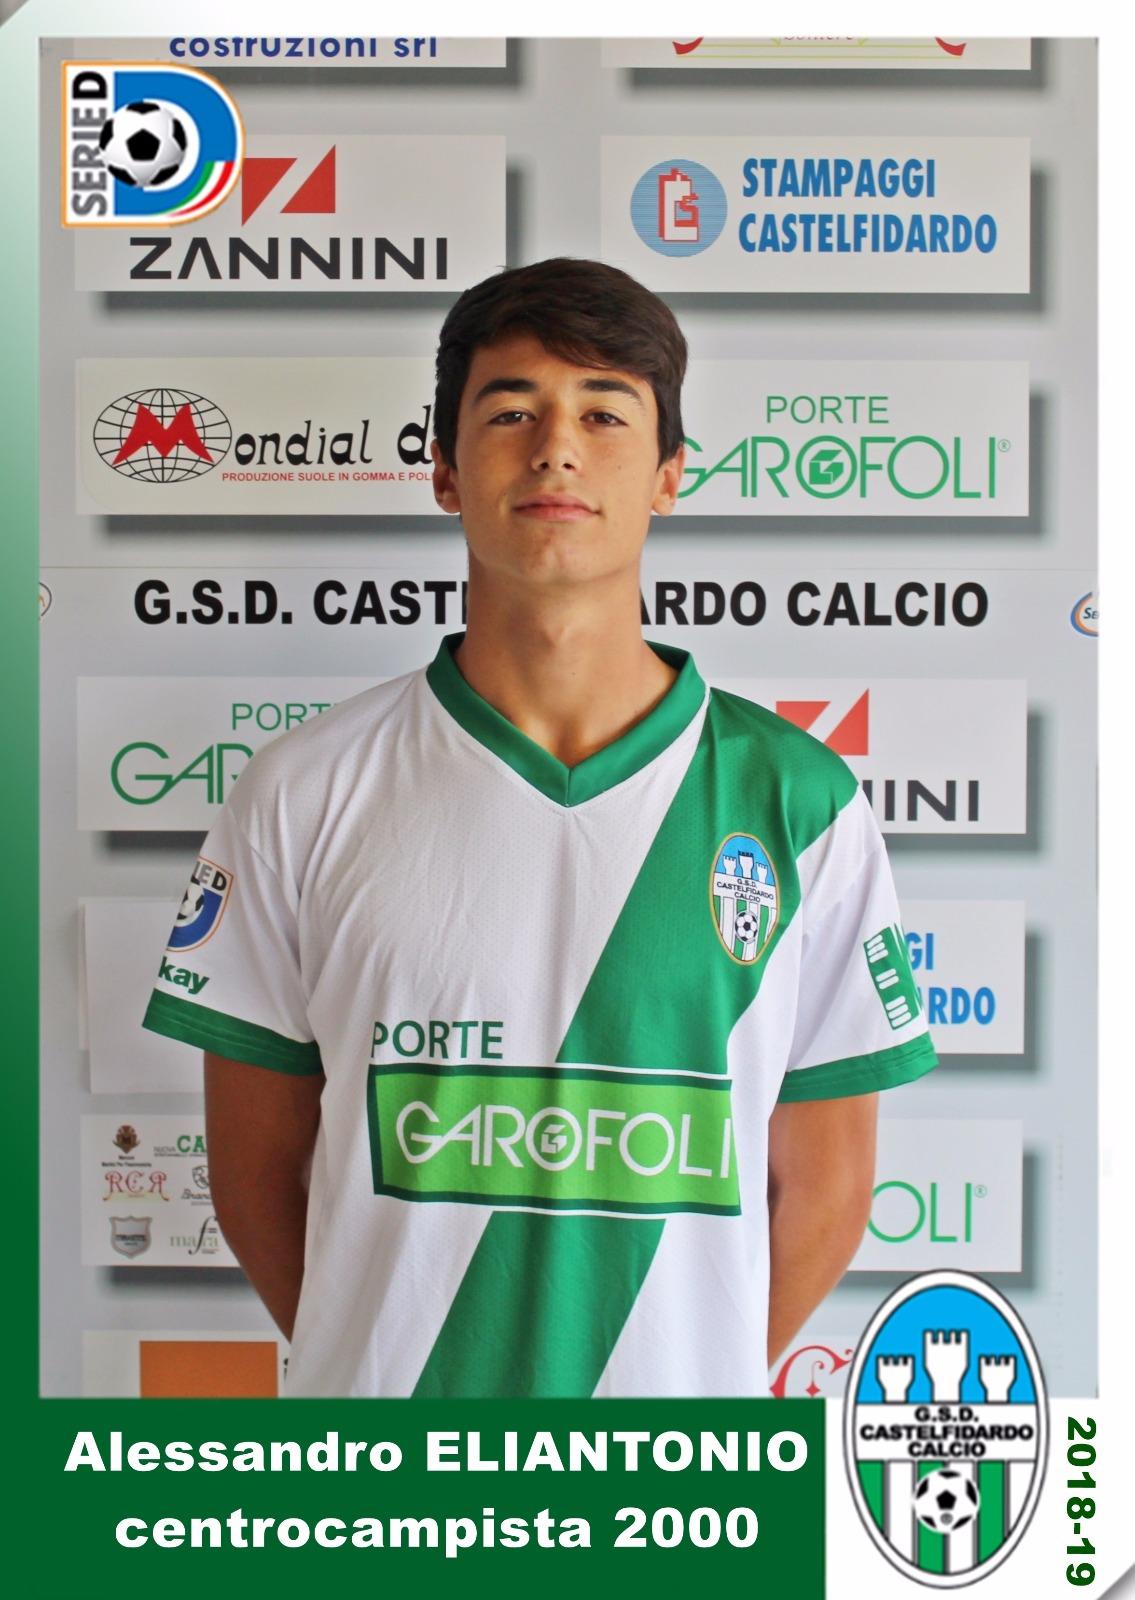 Alessandro ELIANTONIO